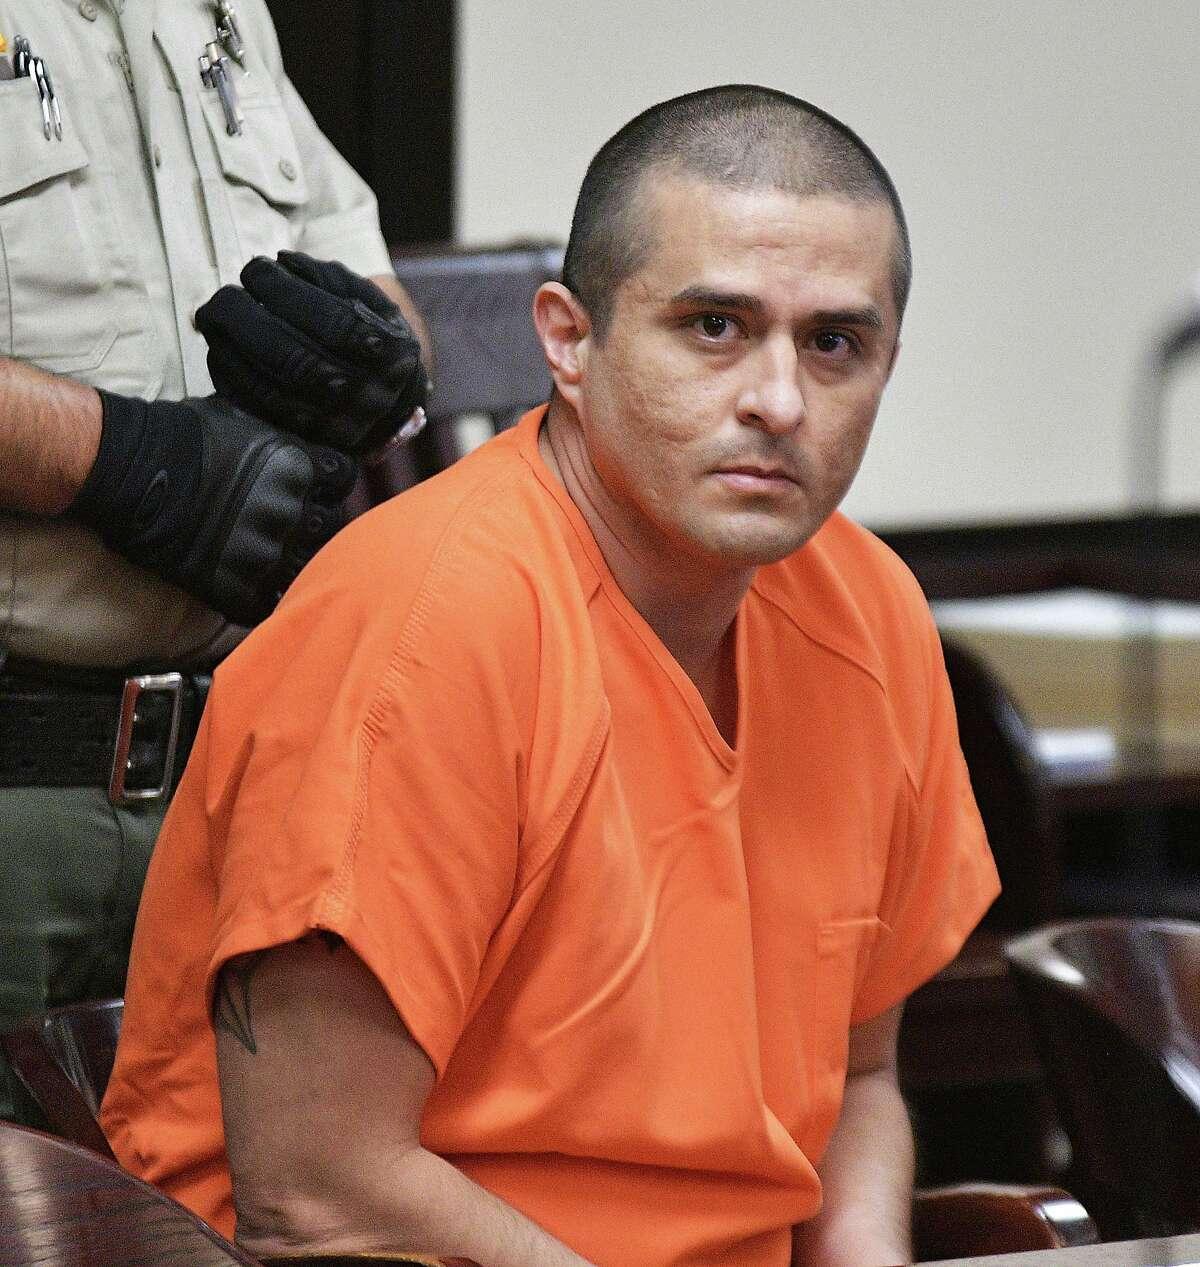 ARCHIVO- El presunto homicida serial, exagente de la Patrulla Fronteriza, Juan David Ortiz, permanece sentado en la Corte de Distrito 406 en Laredo, Texas, el 3 de octubre de 2019. Juan David Ortiz compareció en el mismo tribunal en una audiencia de estado del caso el jueves 9 de septiembre de 2021.